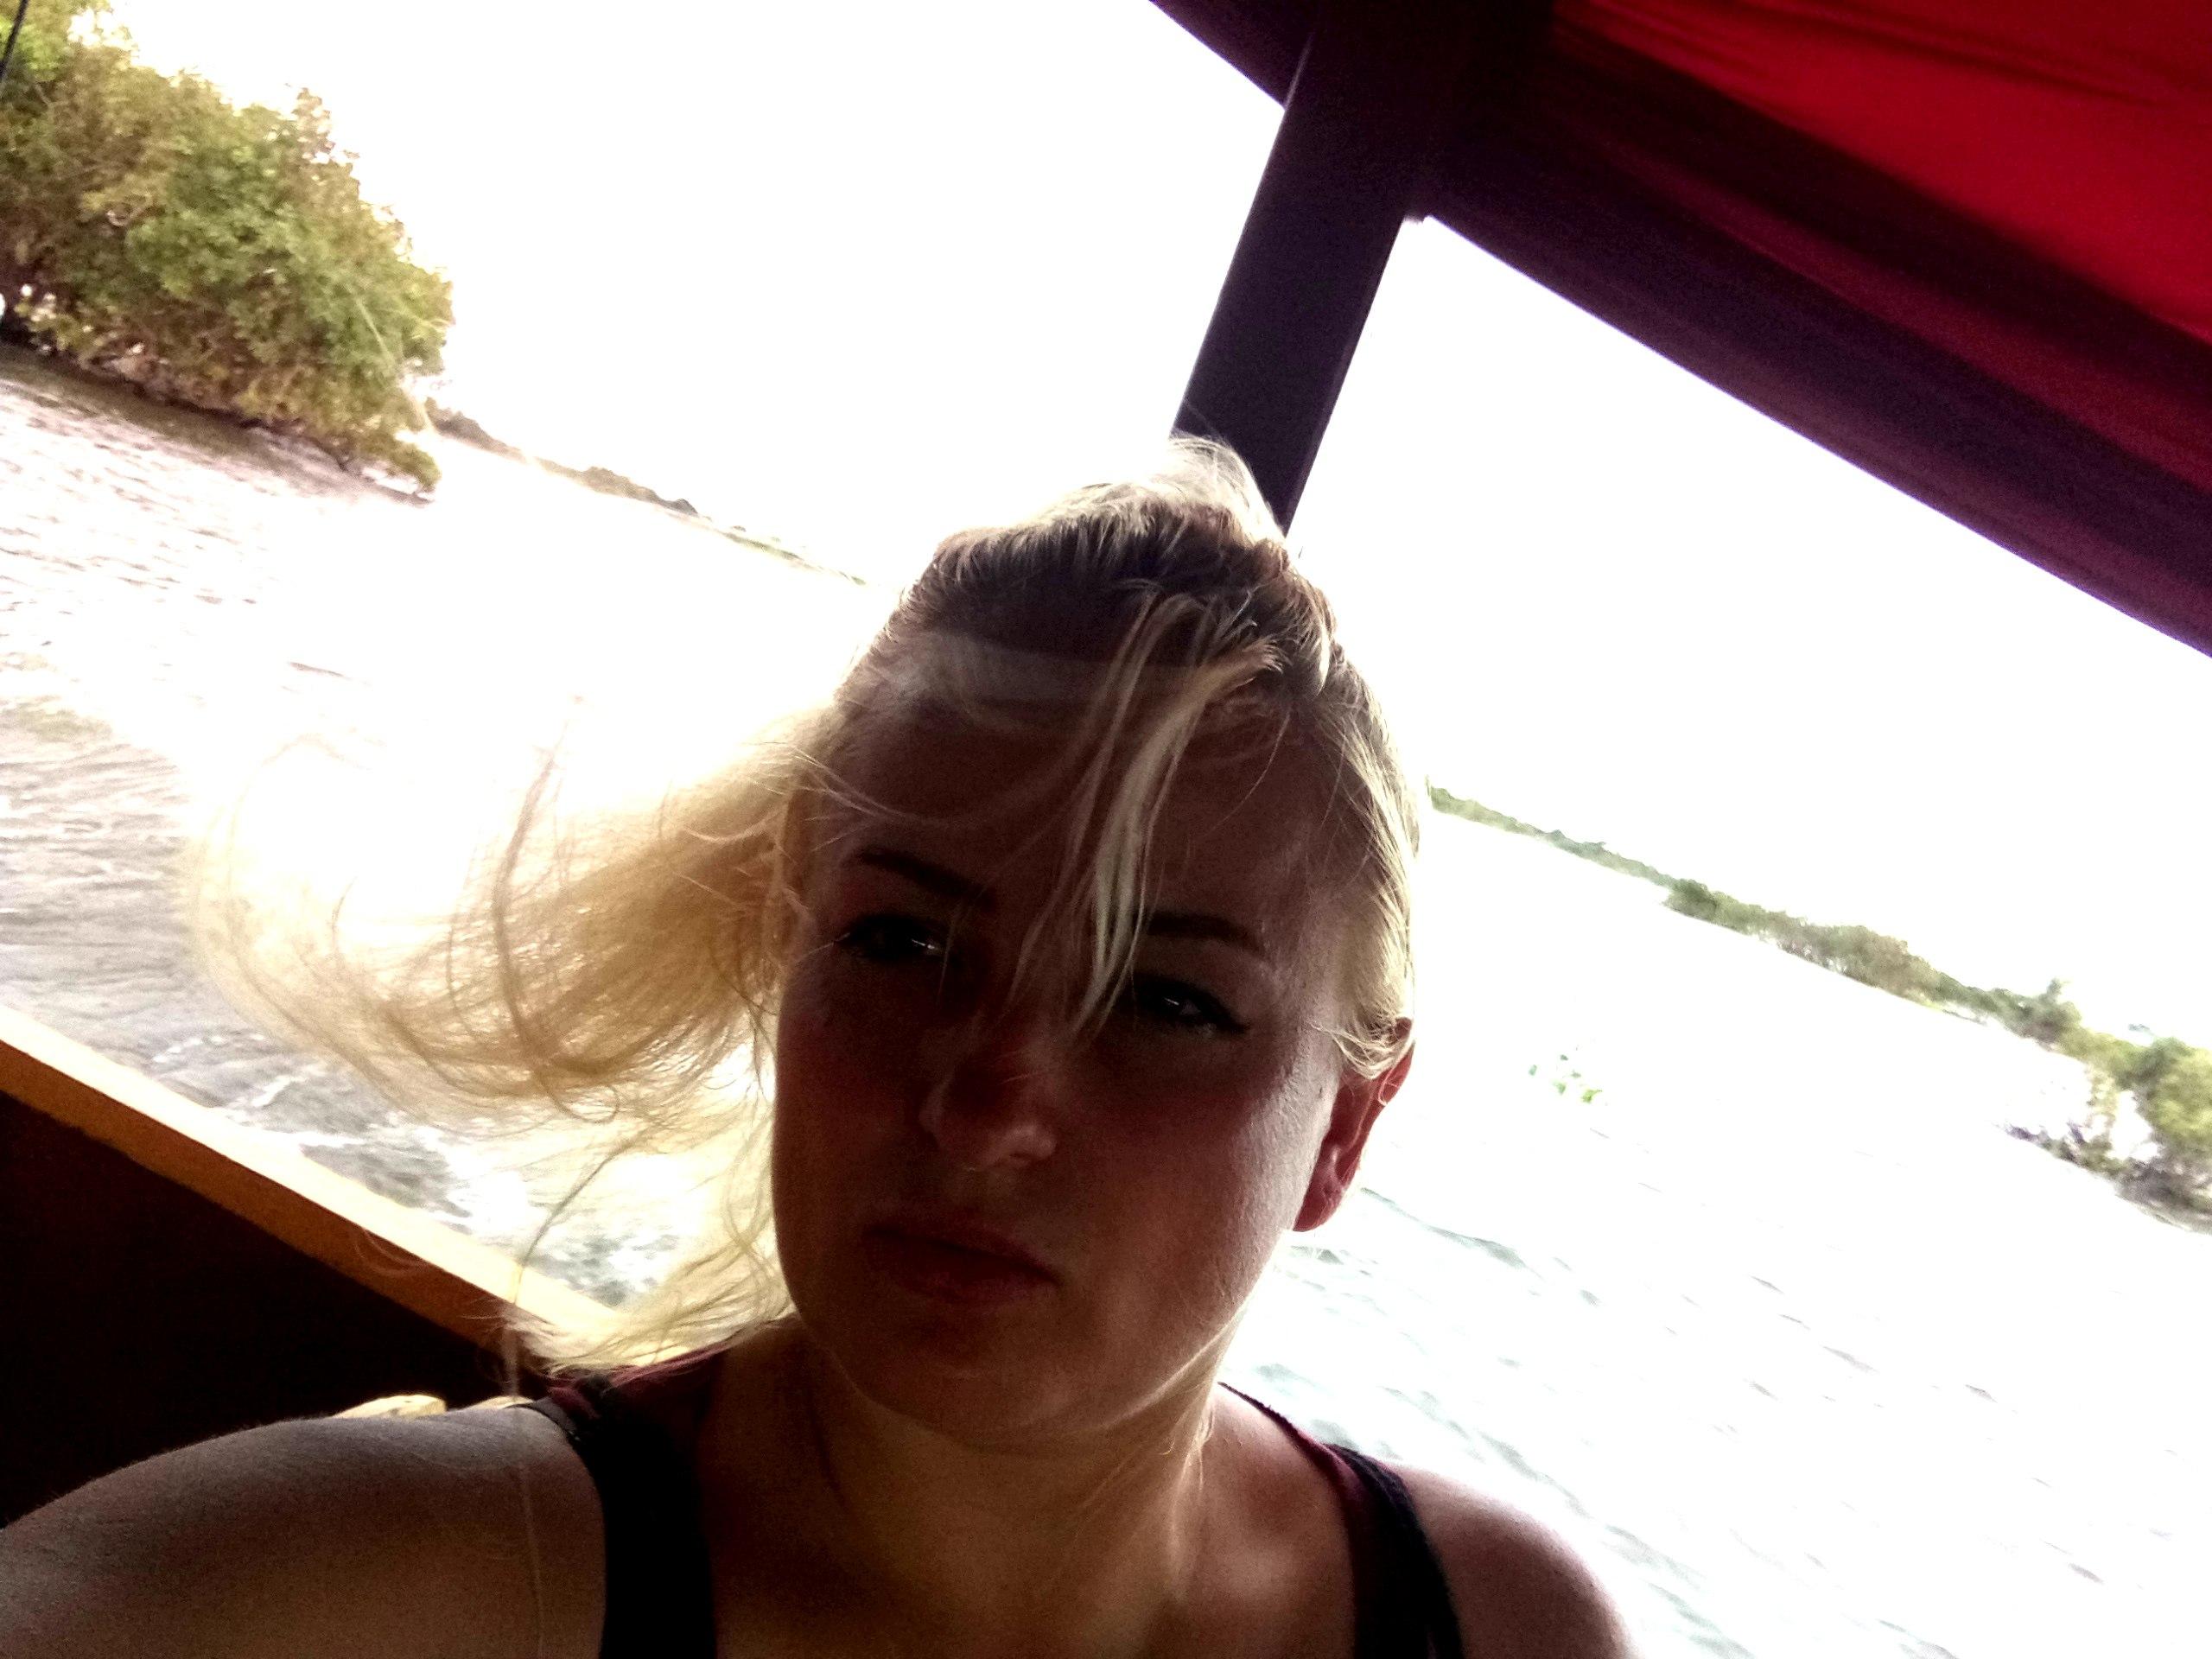 никосия - Елена Руденко. Мои путешествия (фото/видео) - Страница 3 ILBPu3DJK4k